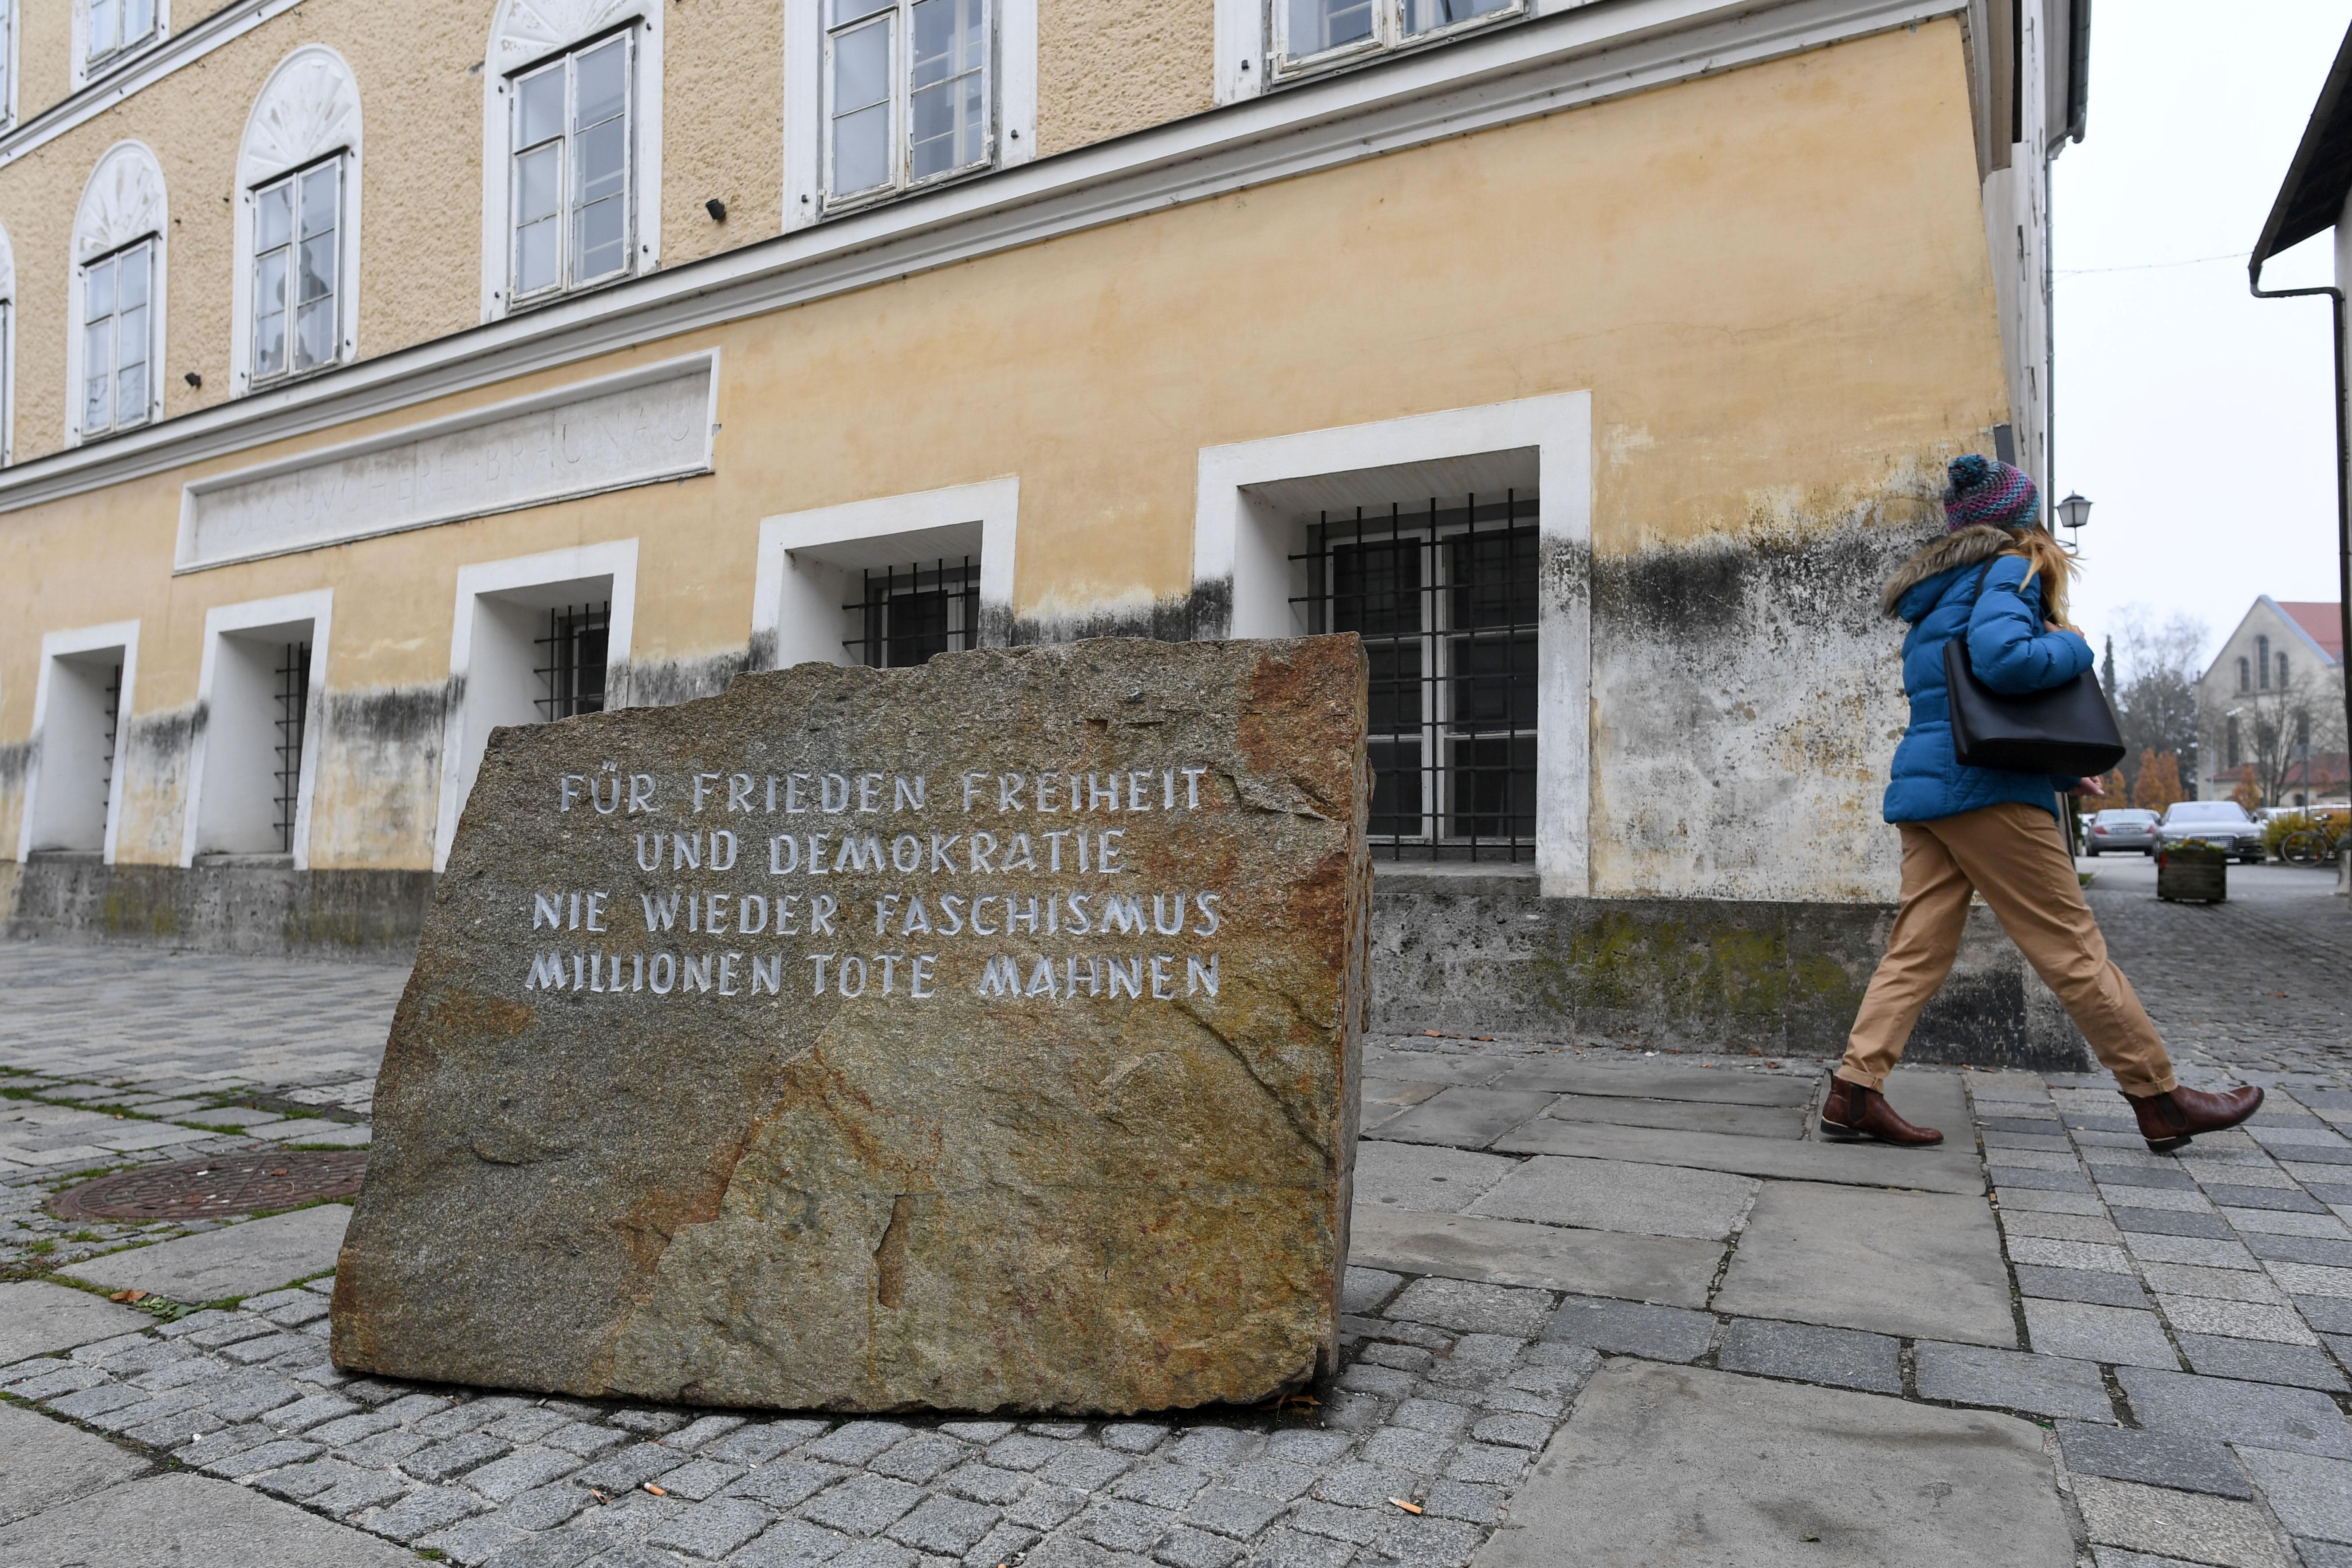 Αστυνομικό τμήμα θα γίνει το σπίτι που γεννήθηκε ο Αδόλφος Χίτλερ! [pics]